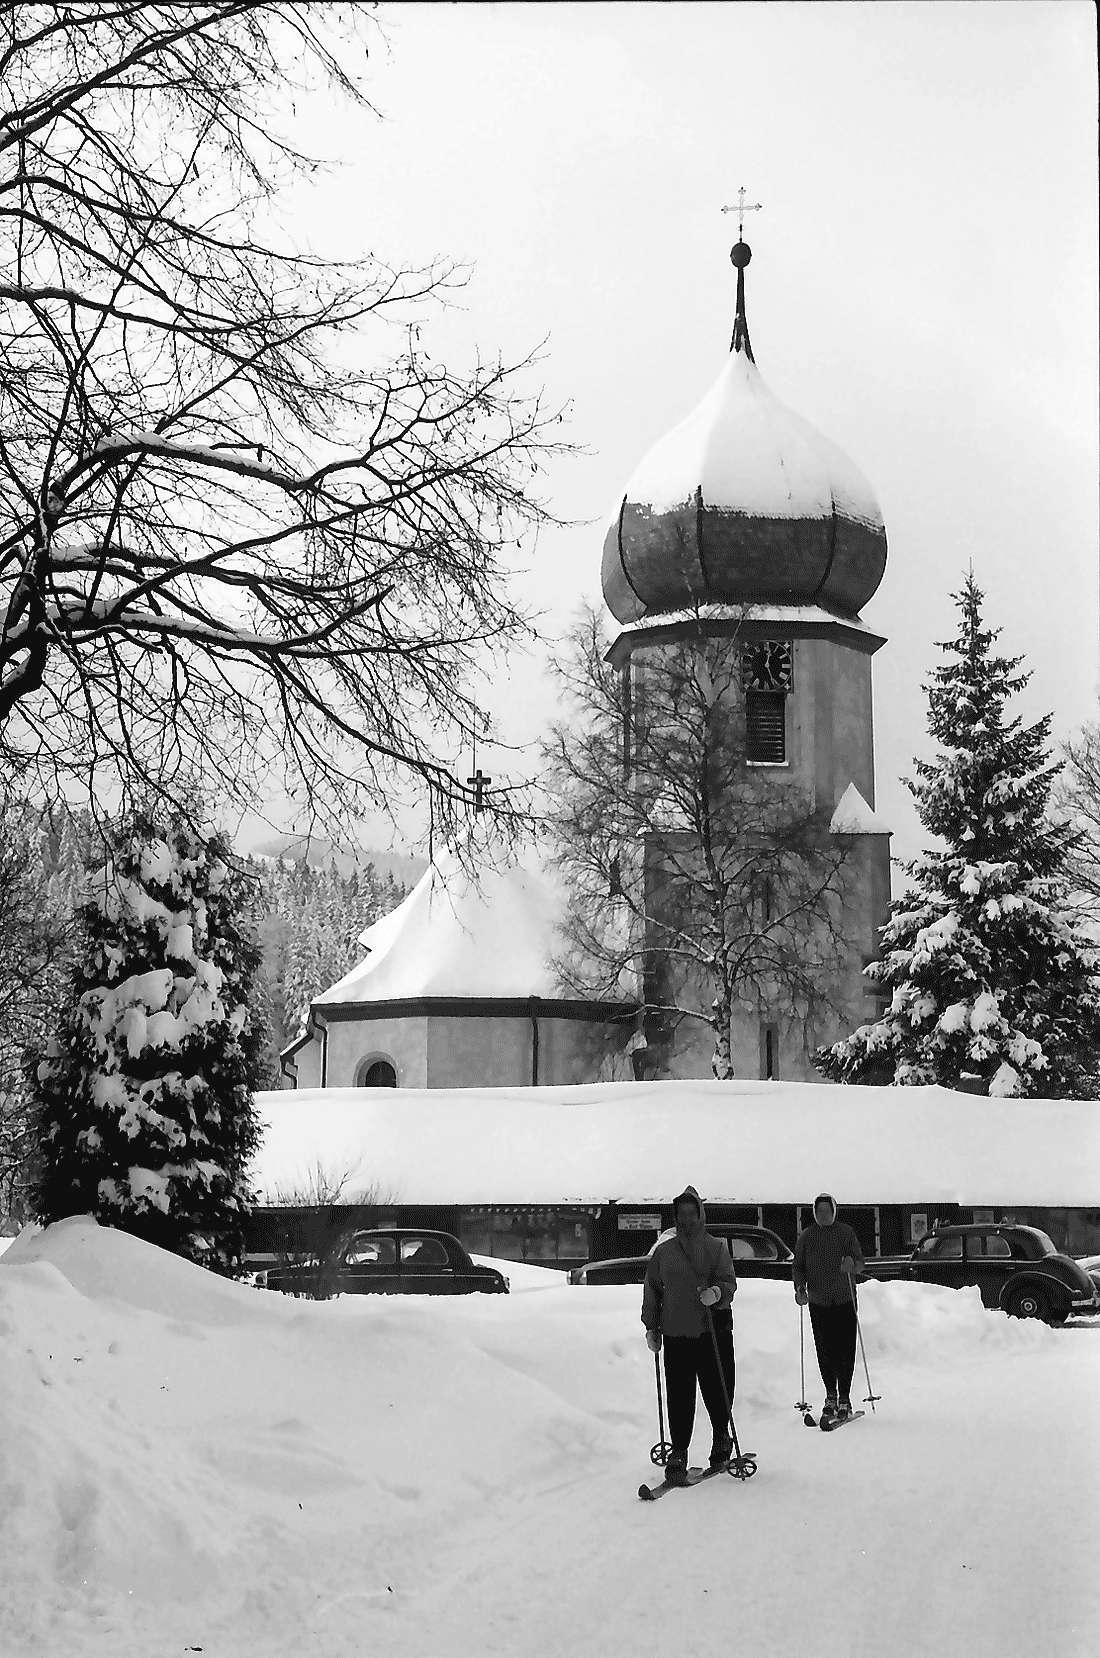 Hinterzarten: Kirche im Schnee, Bild 1